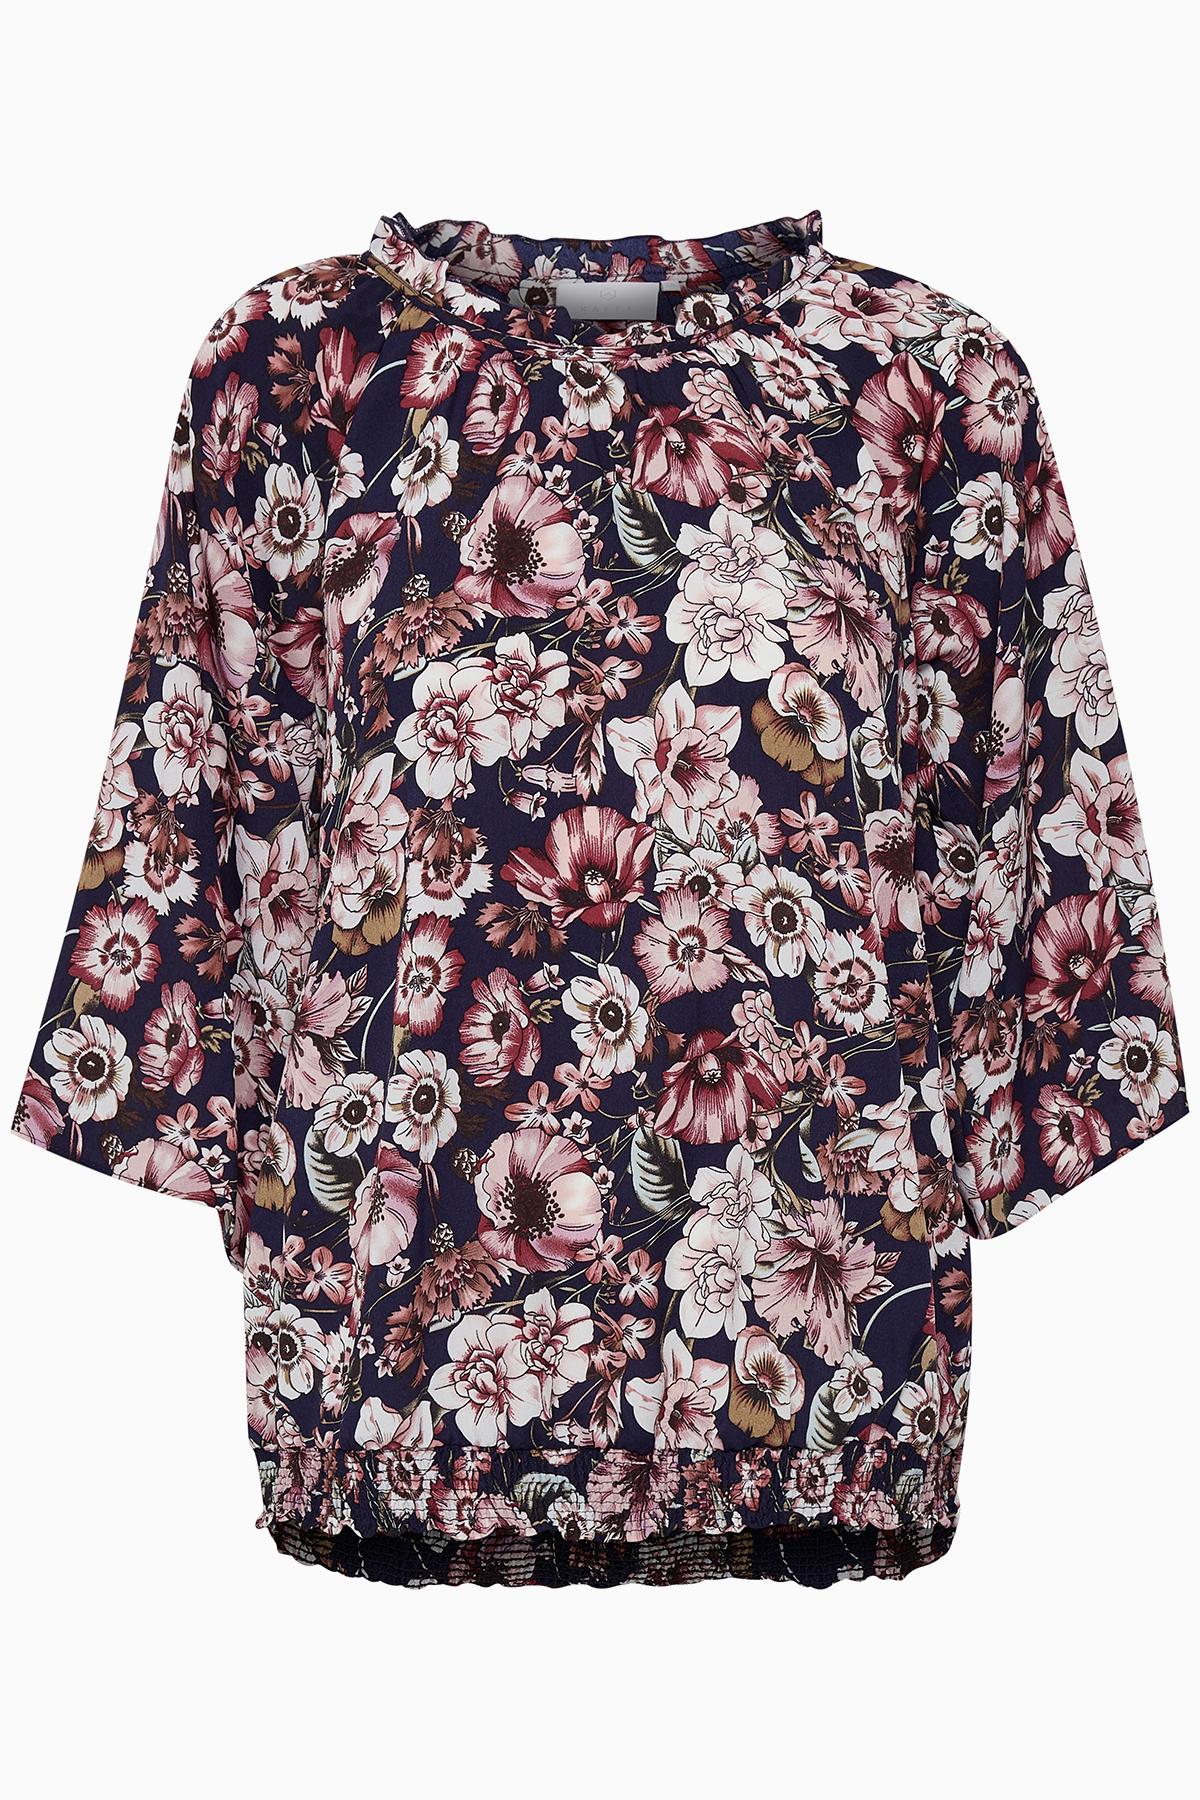 Rosa/marineblå Langærmet bluse fra Kaffe – Køb Rosa/marineblå Langærmet bluse fra str. 34-46 her